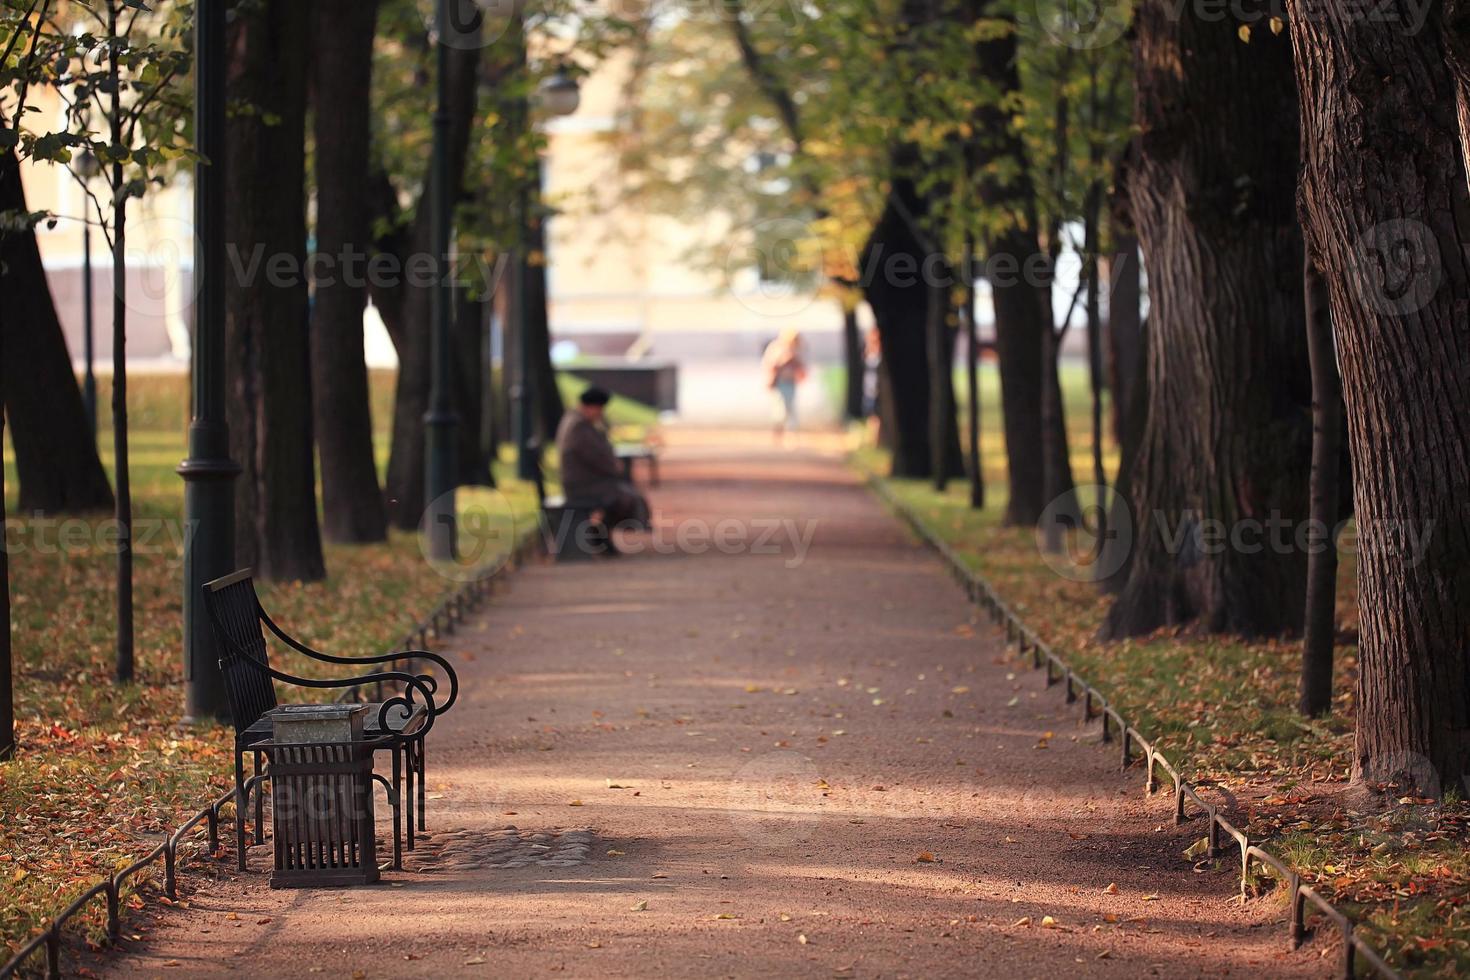 banco de jardim na paisagem do parque outono foto